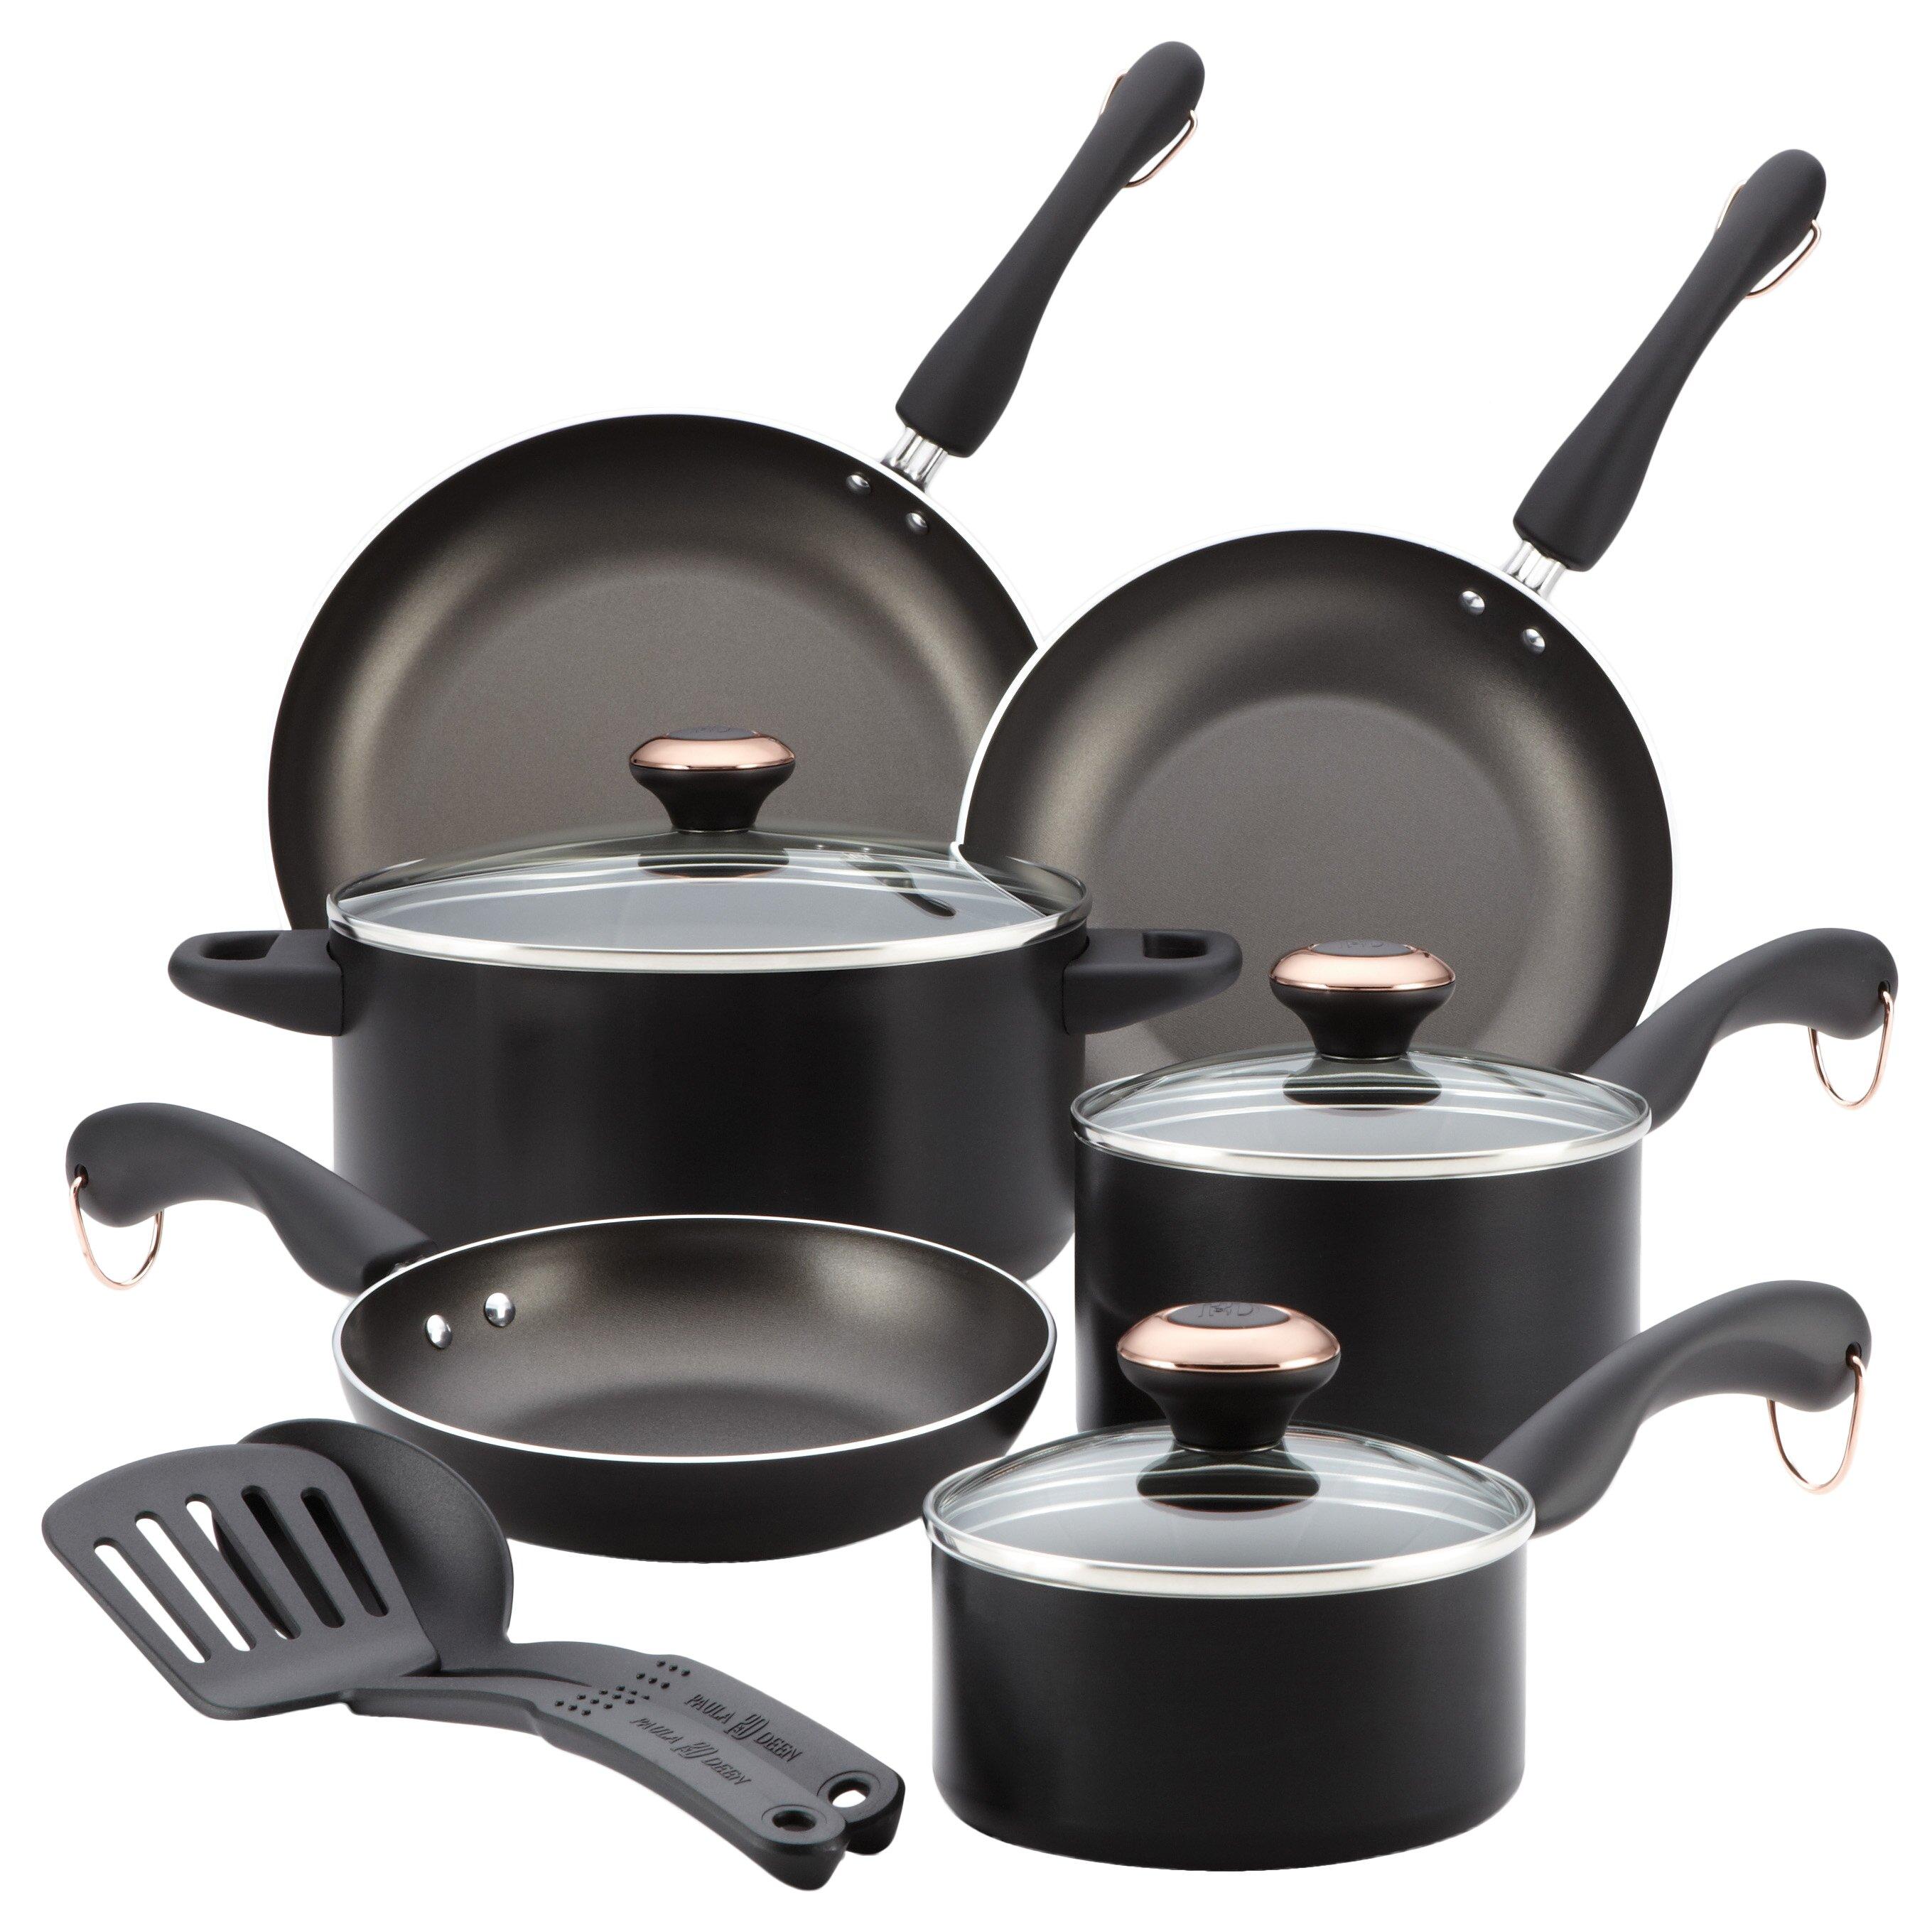 Paula Deen Signature 11 Piece Cookware Set Reviews Wayfair